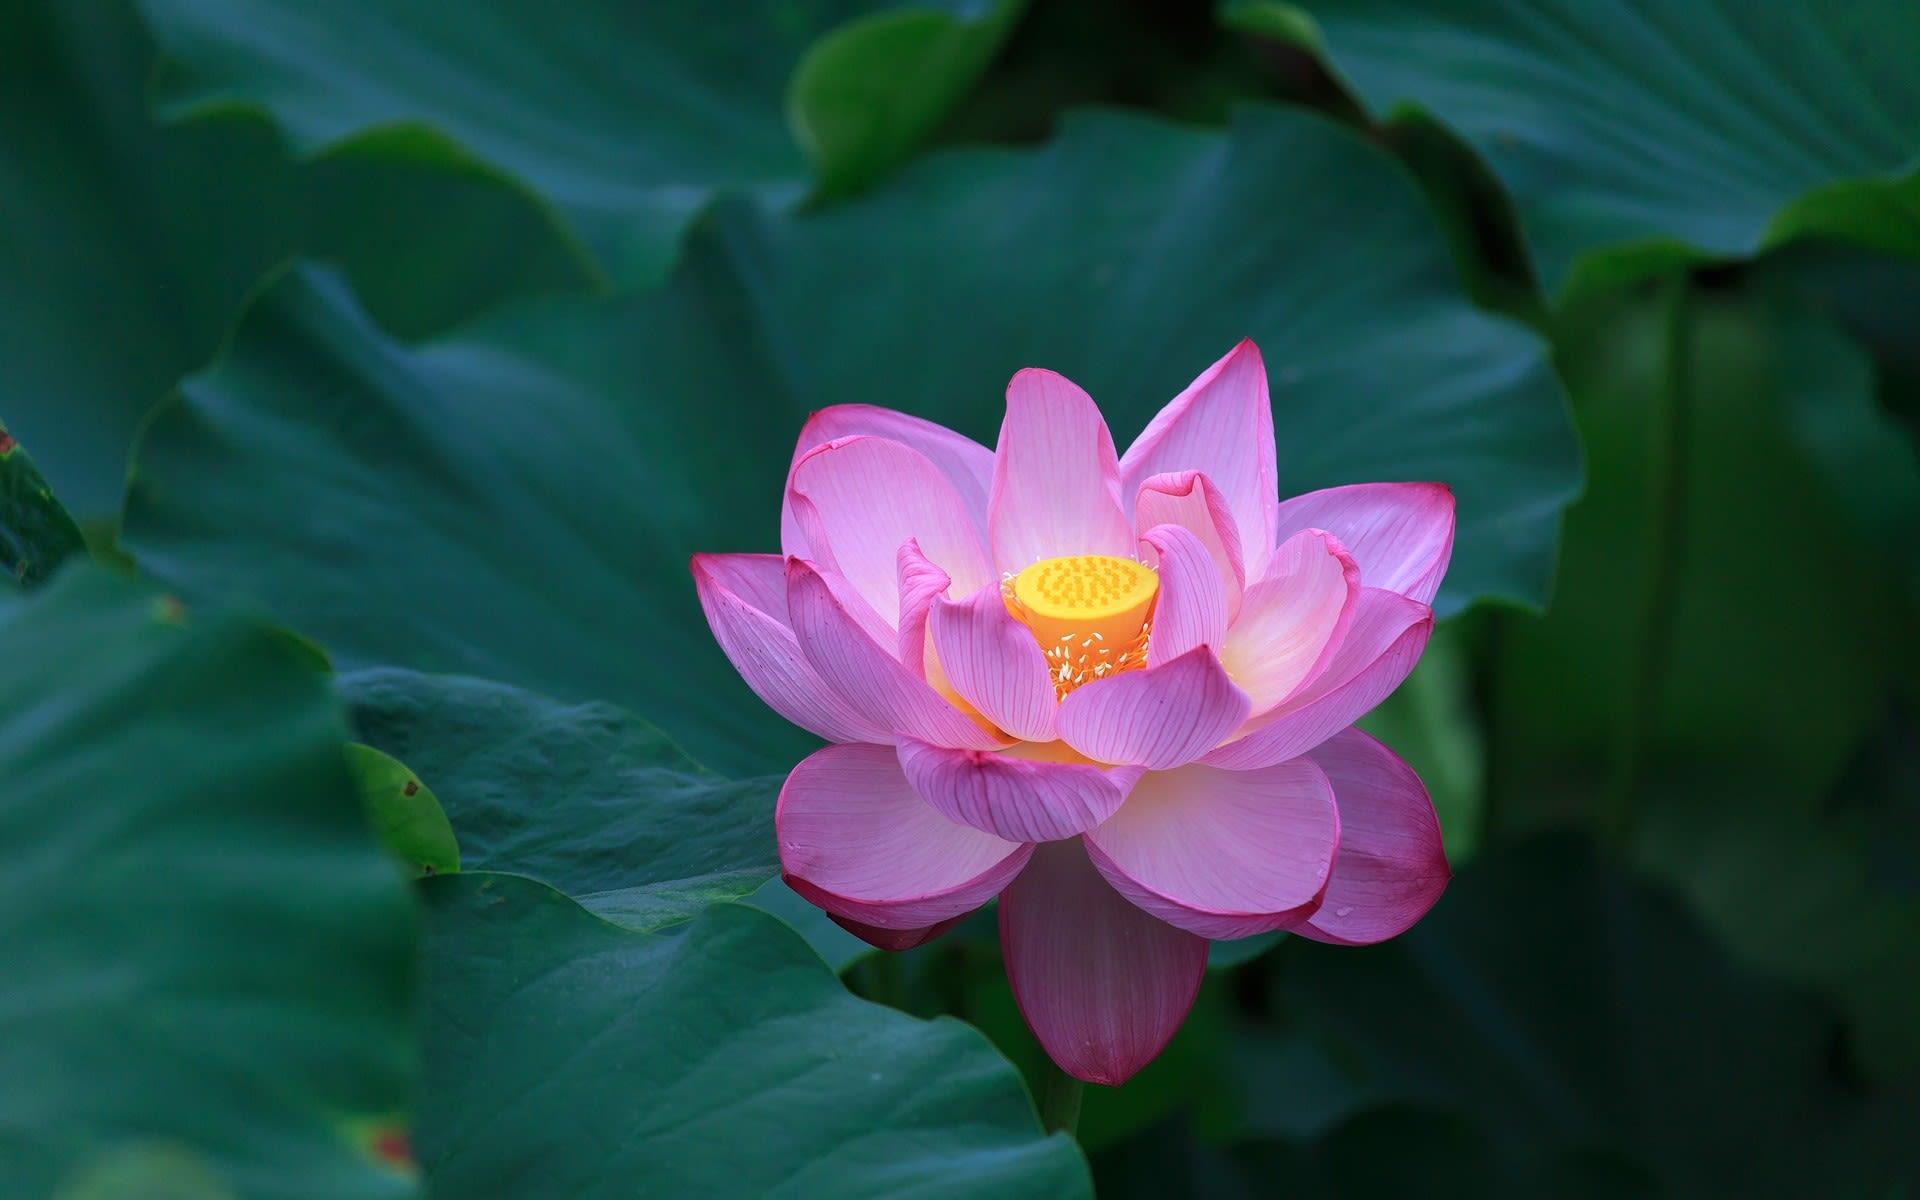 2016年夏の京都 東寺の壁紙その2 計17枚 壁紙 日々駄文